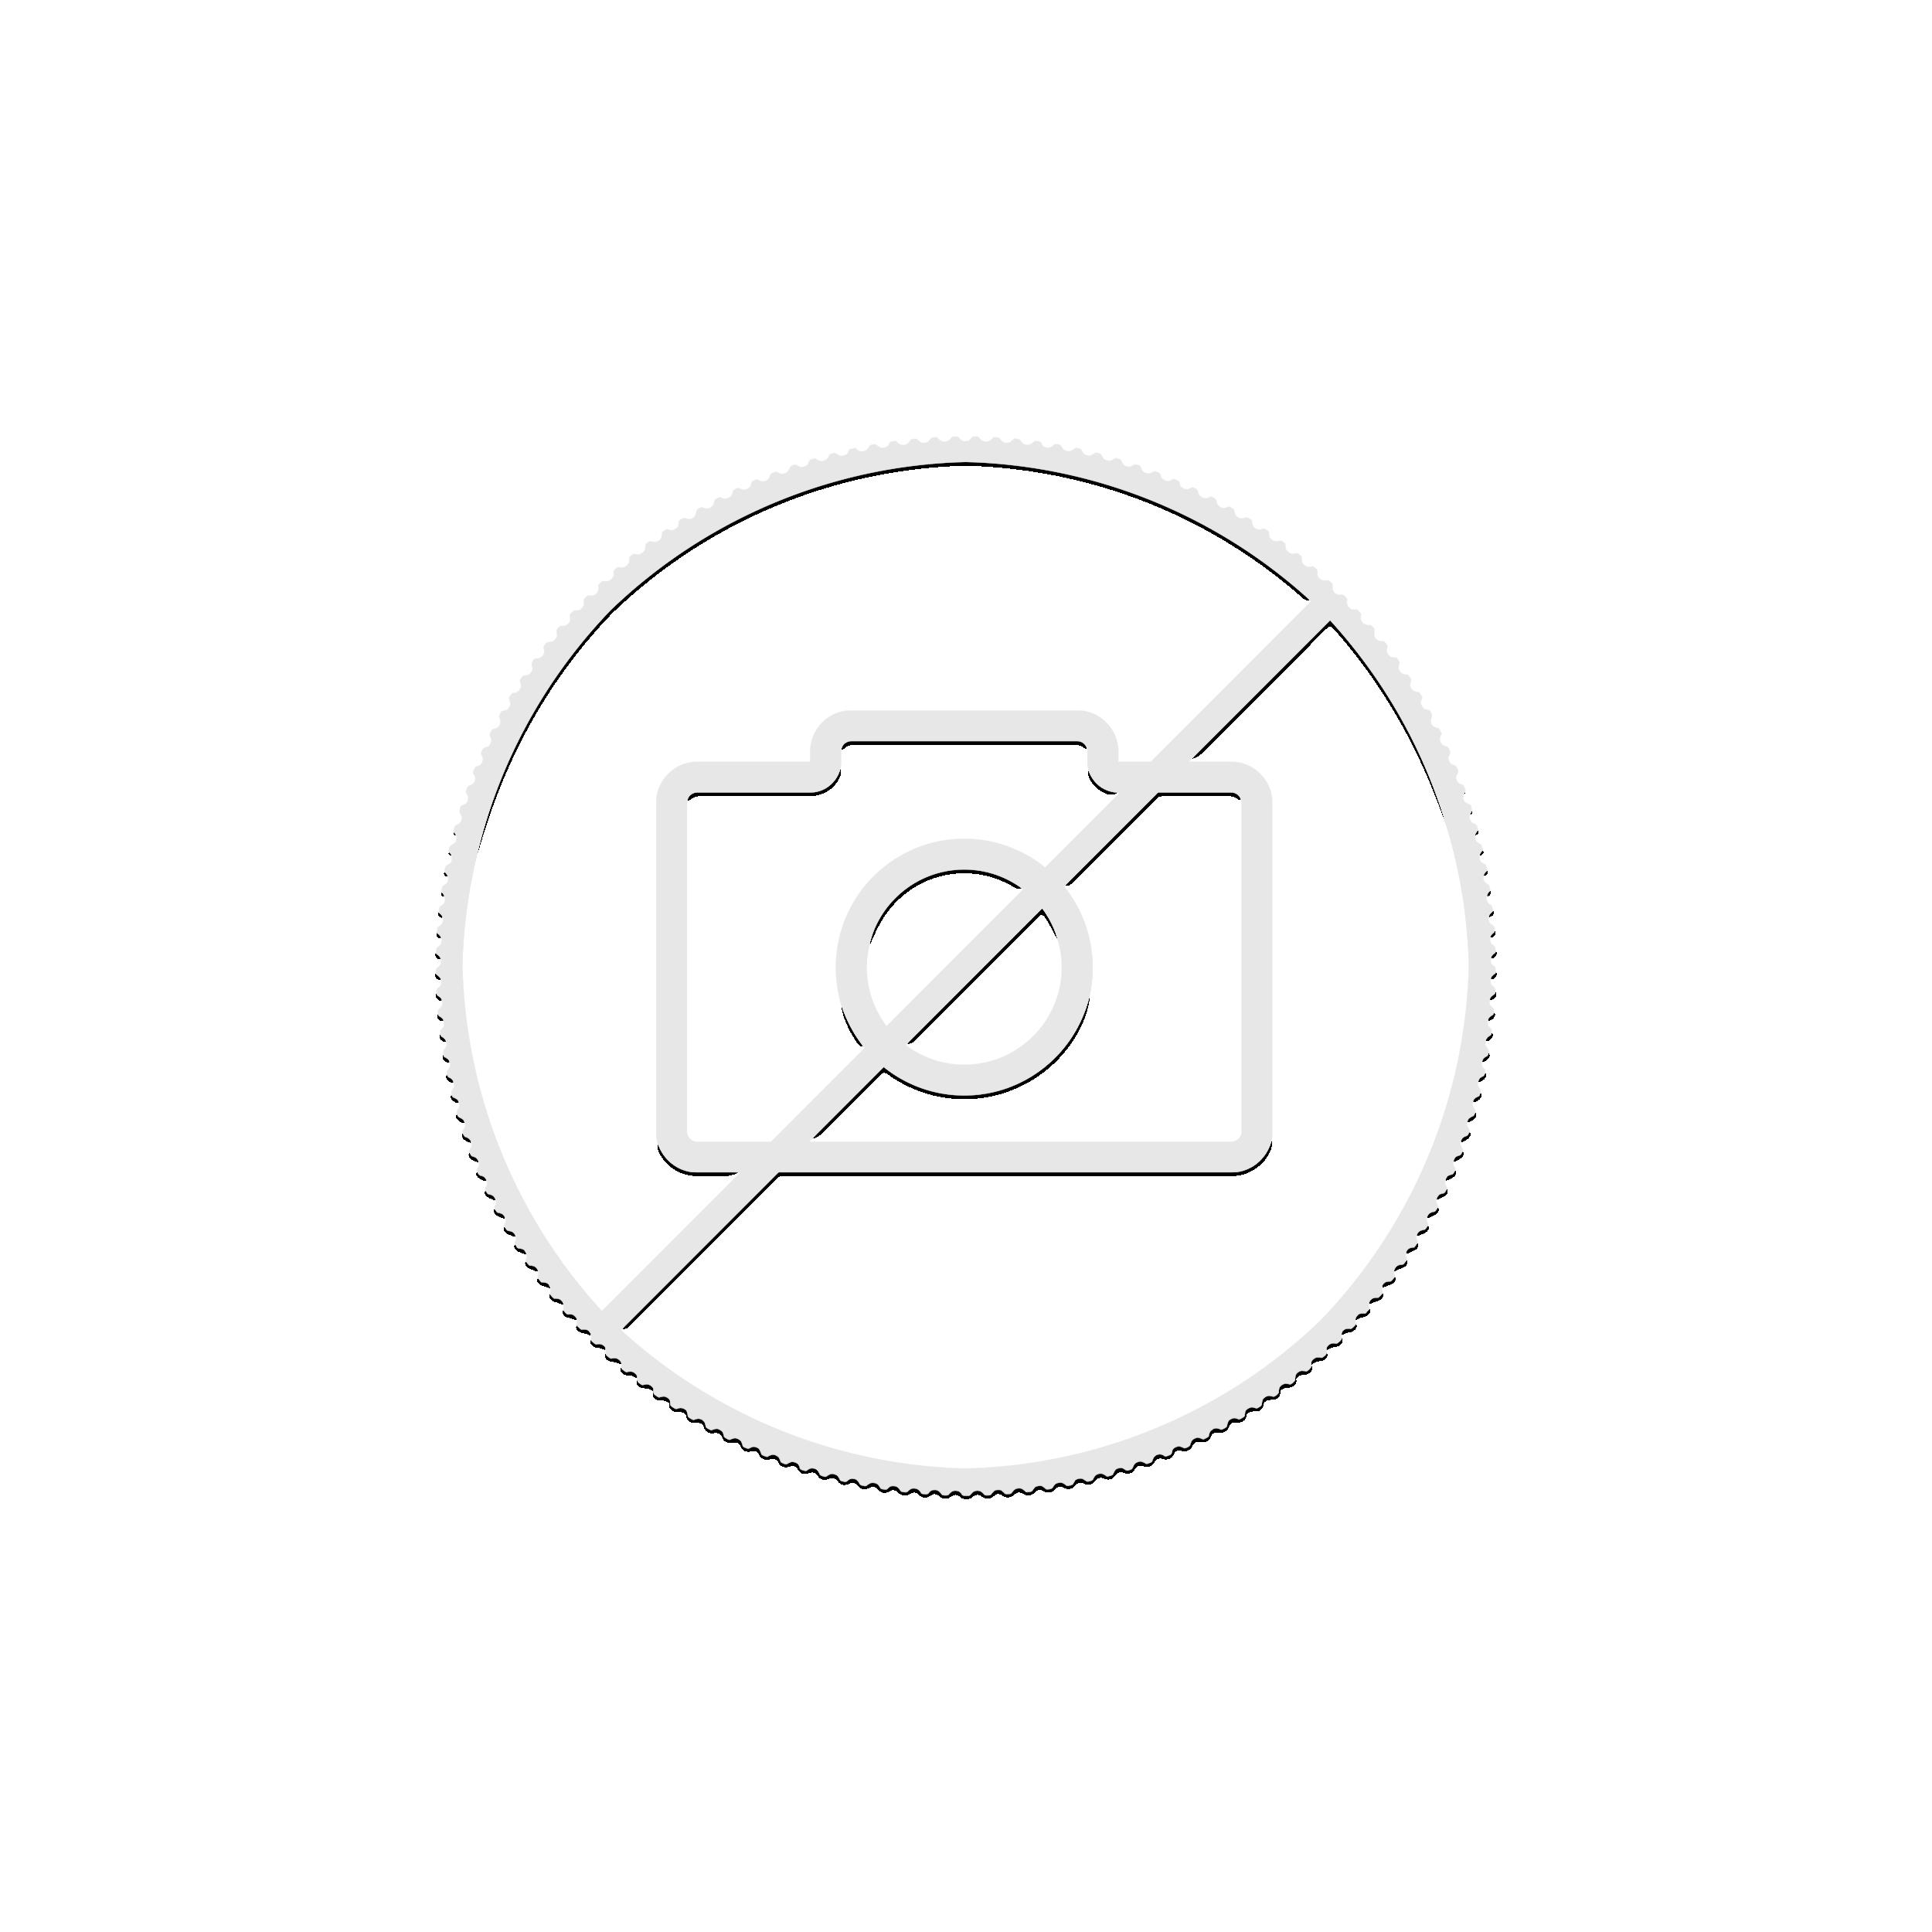 2 troy ounce zilveren munt zwarte panter 2020 - box